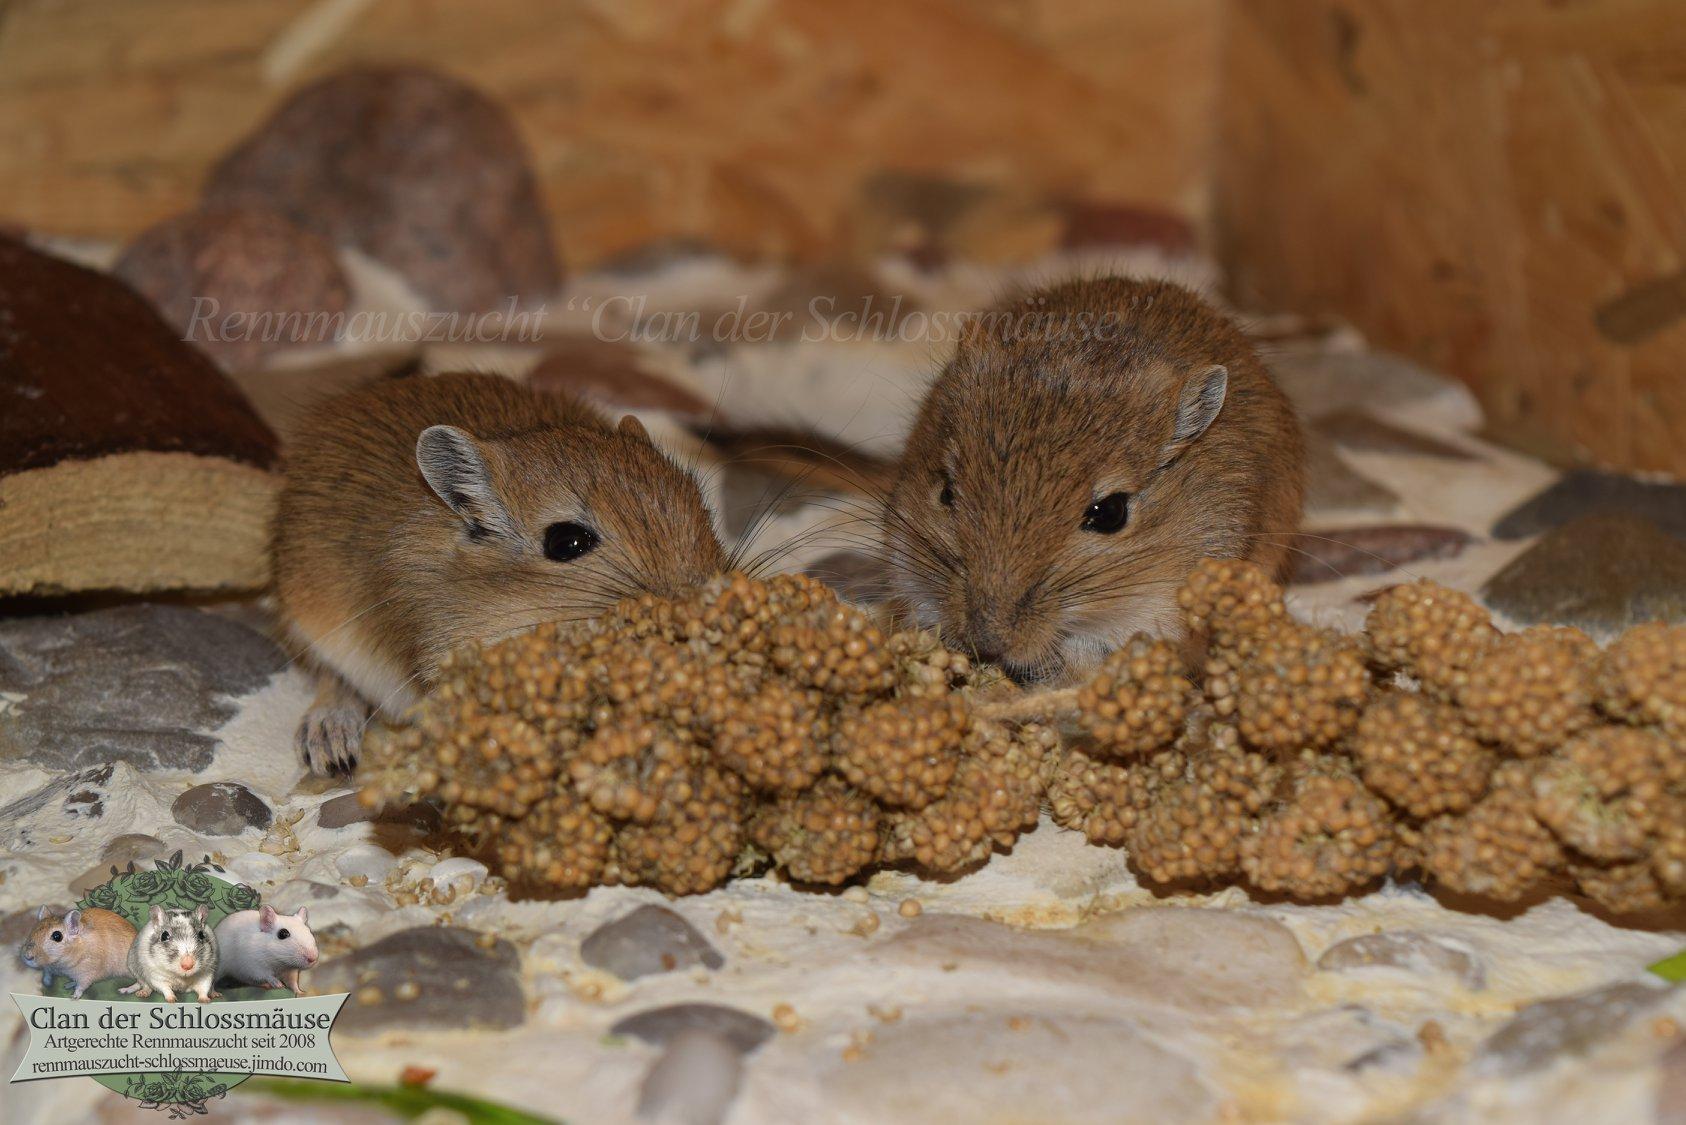 Jungtiere beim Hirsekolben fressen